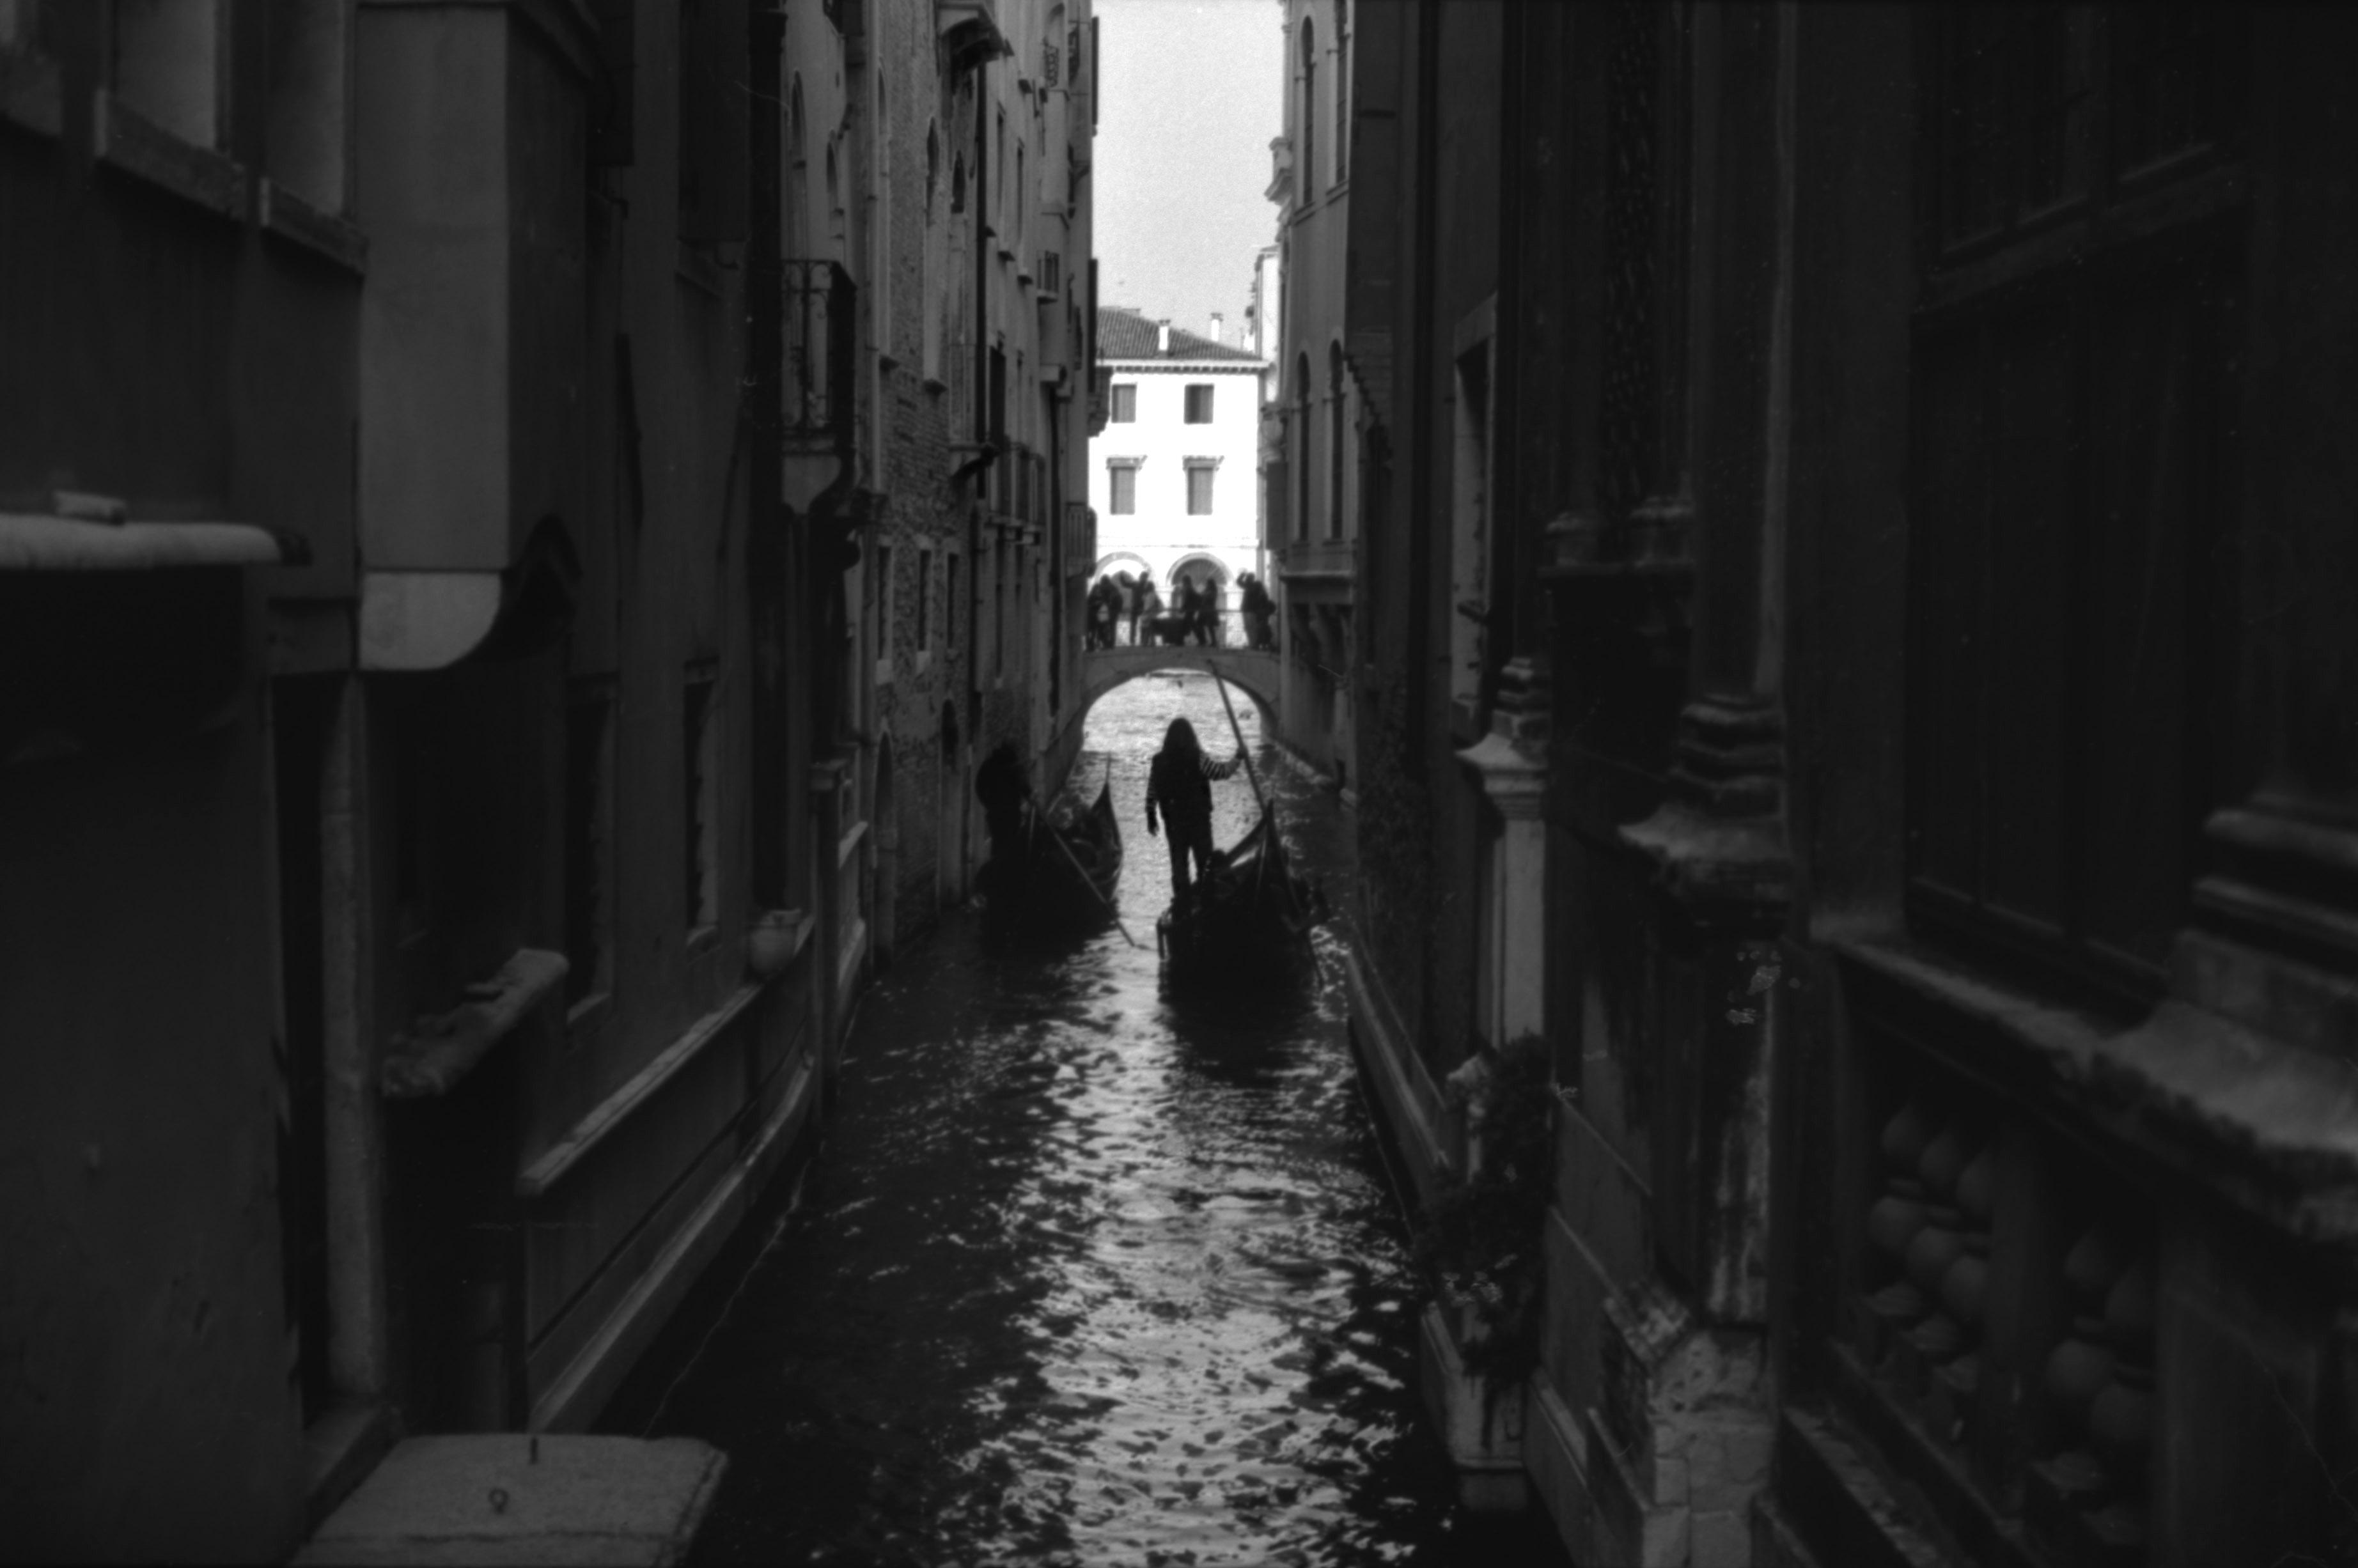 Venecia_35mm_70